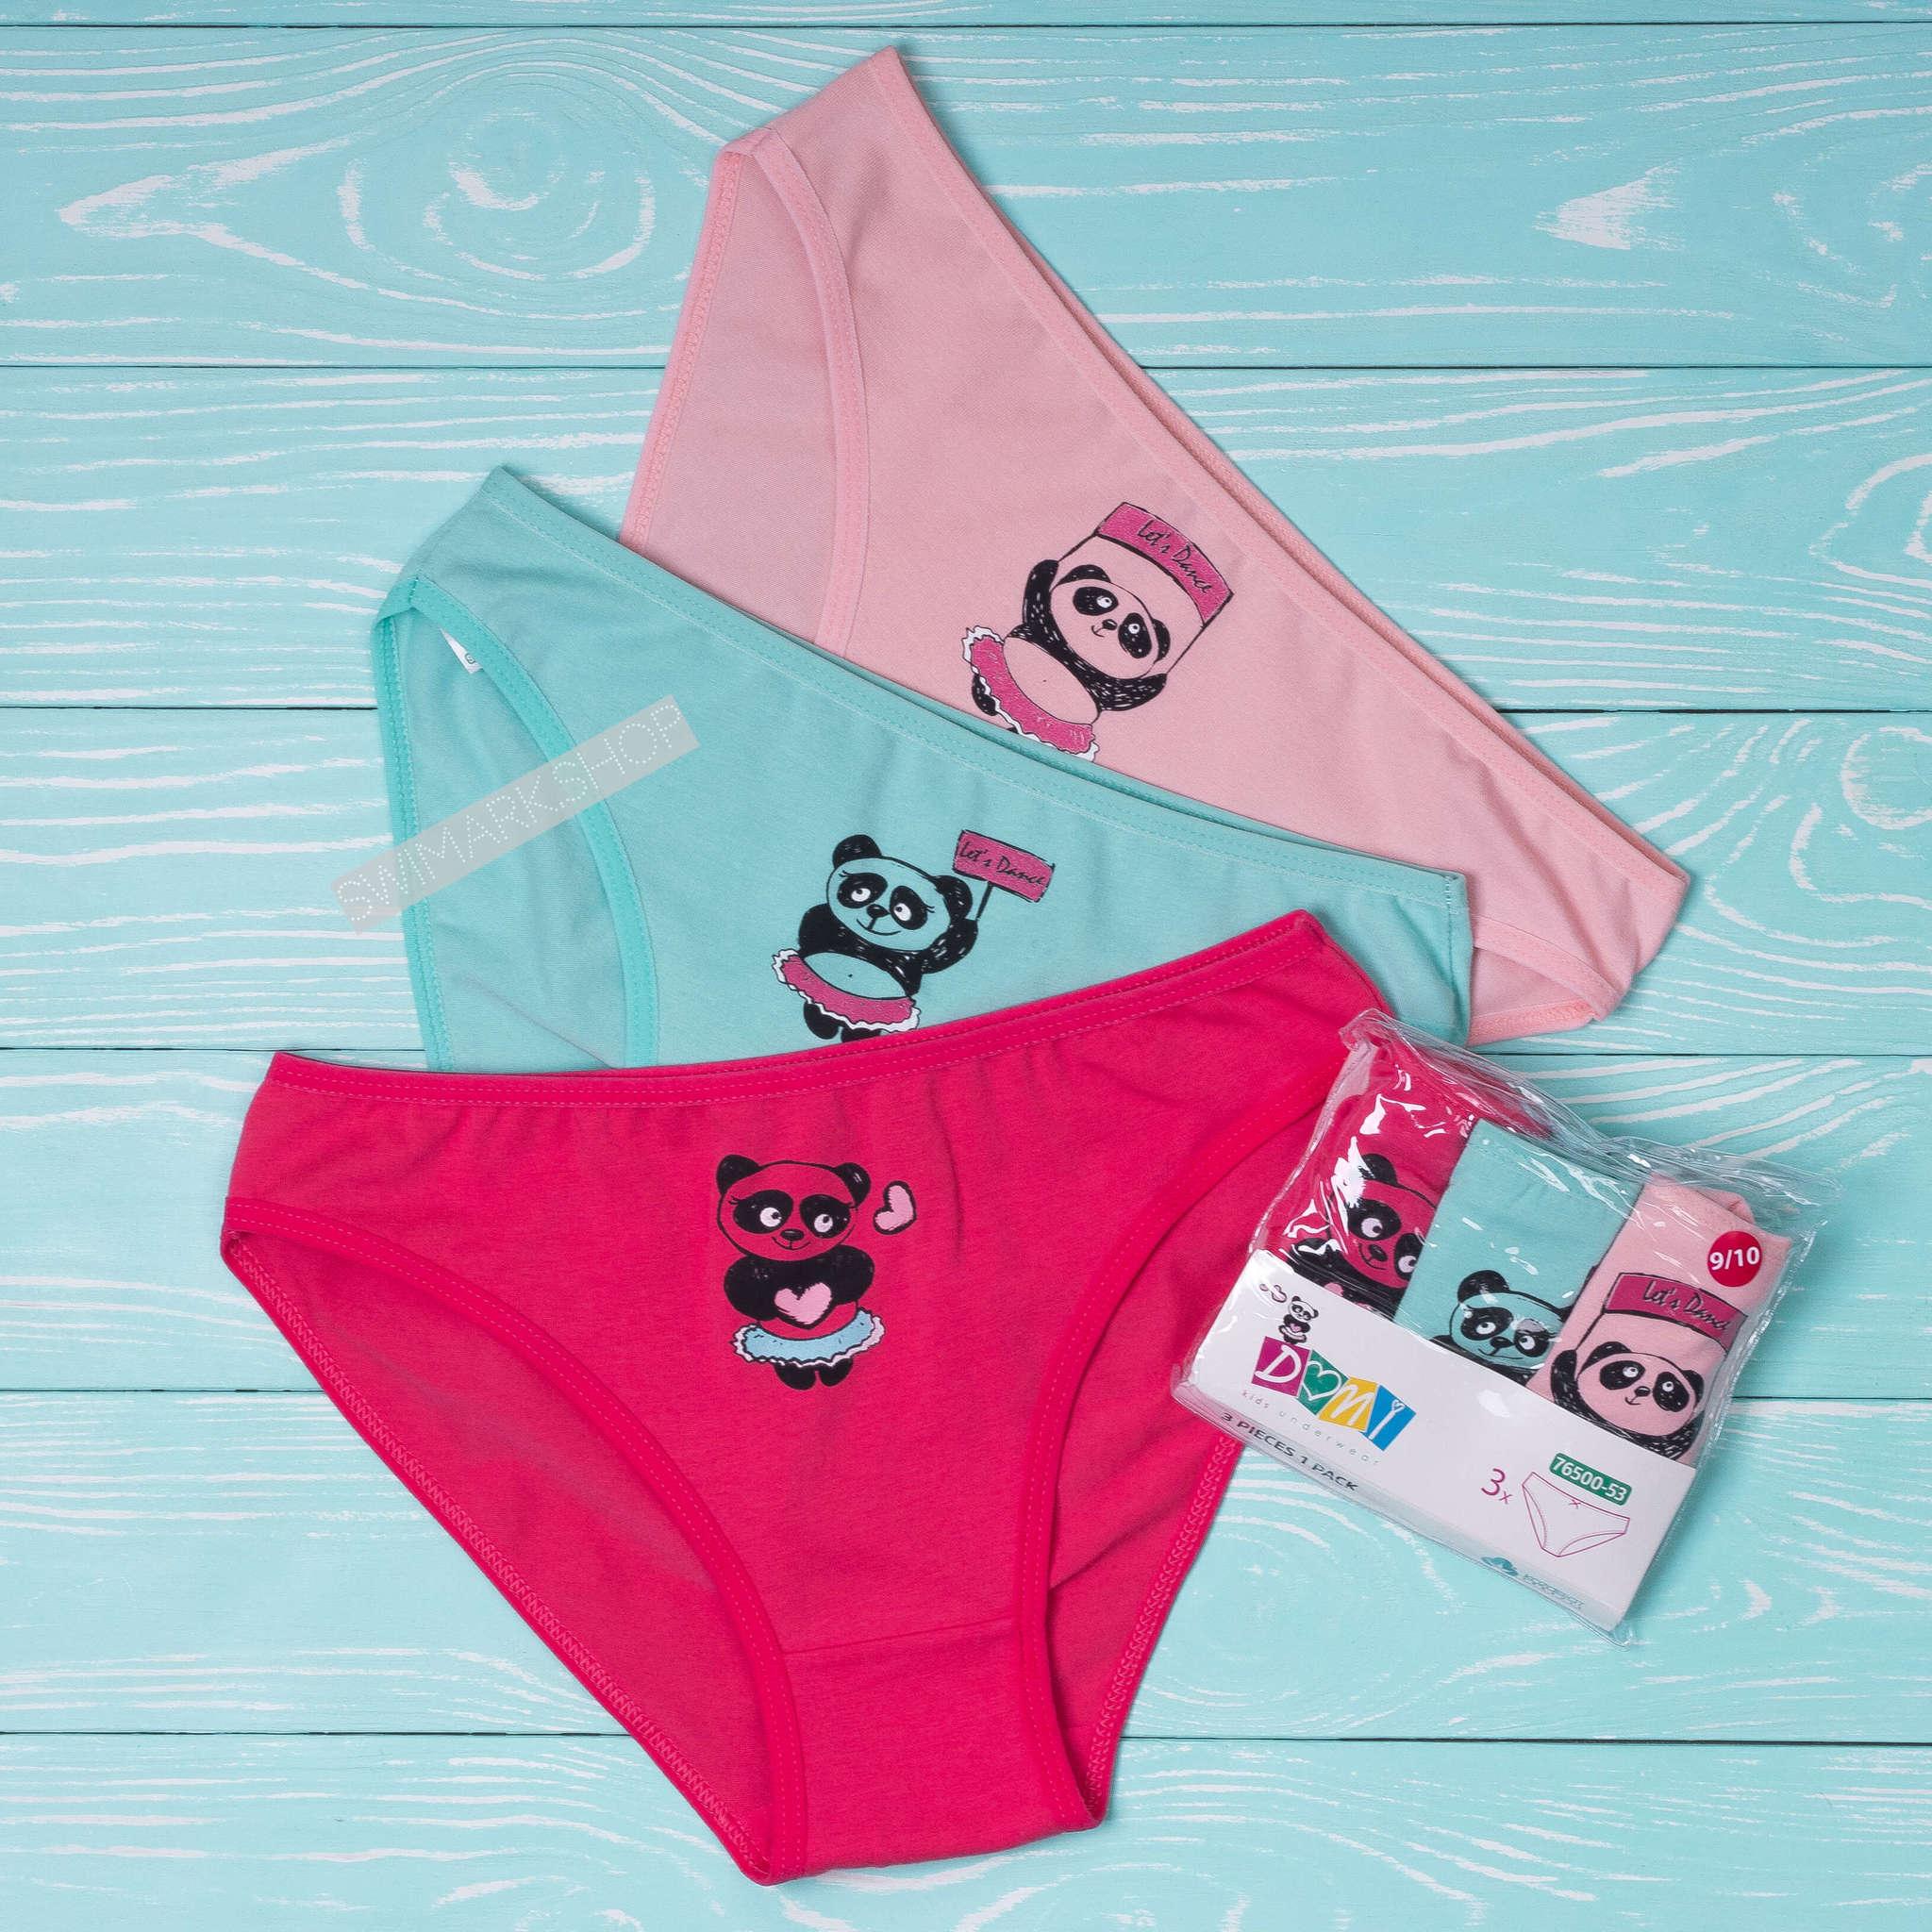 Трусы для девочек Трусики детские DOMI 76500-53, 3 шт. в упаковке PA040396.jpg